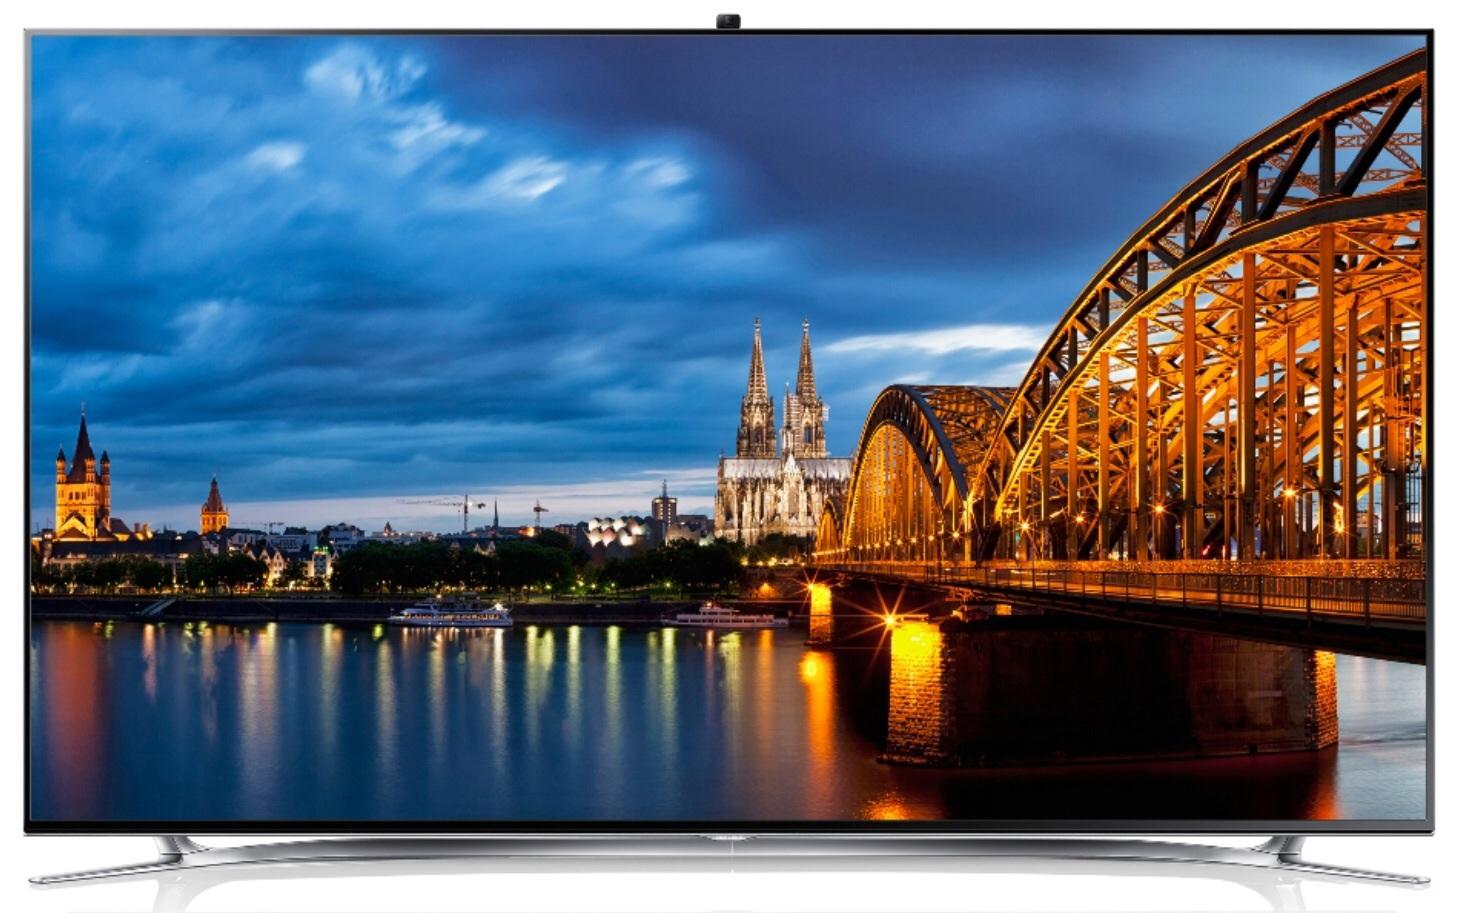 """LG OLED65E9PUA 65"""" Class HDR 4K UHD Smart OLED TV $1999"""